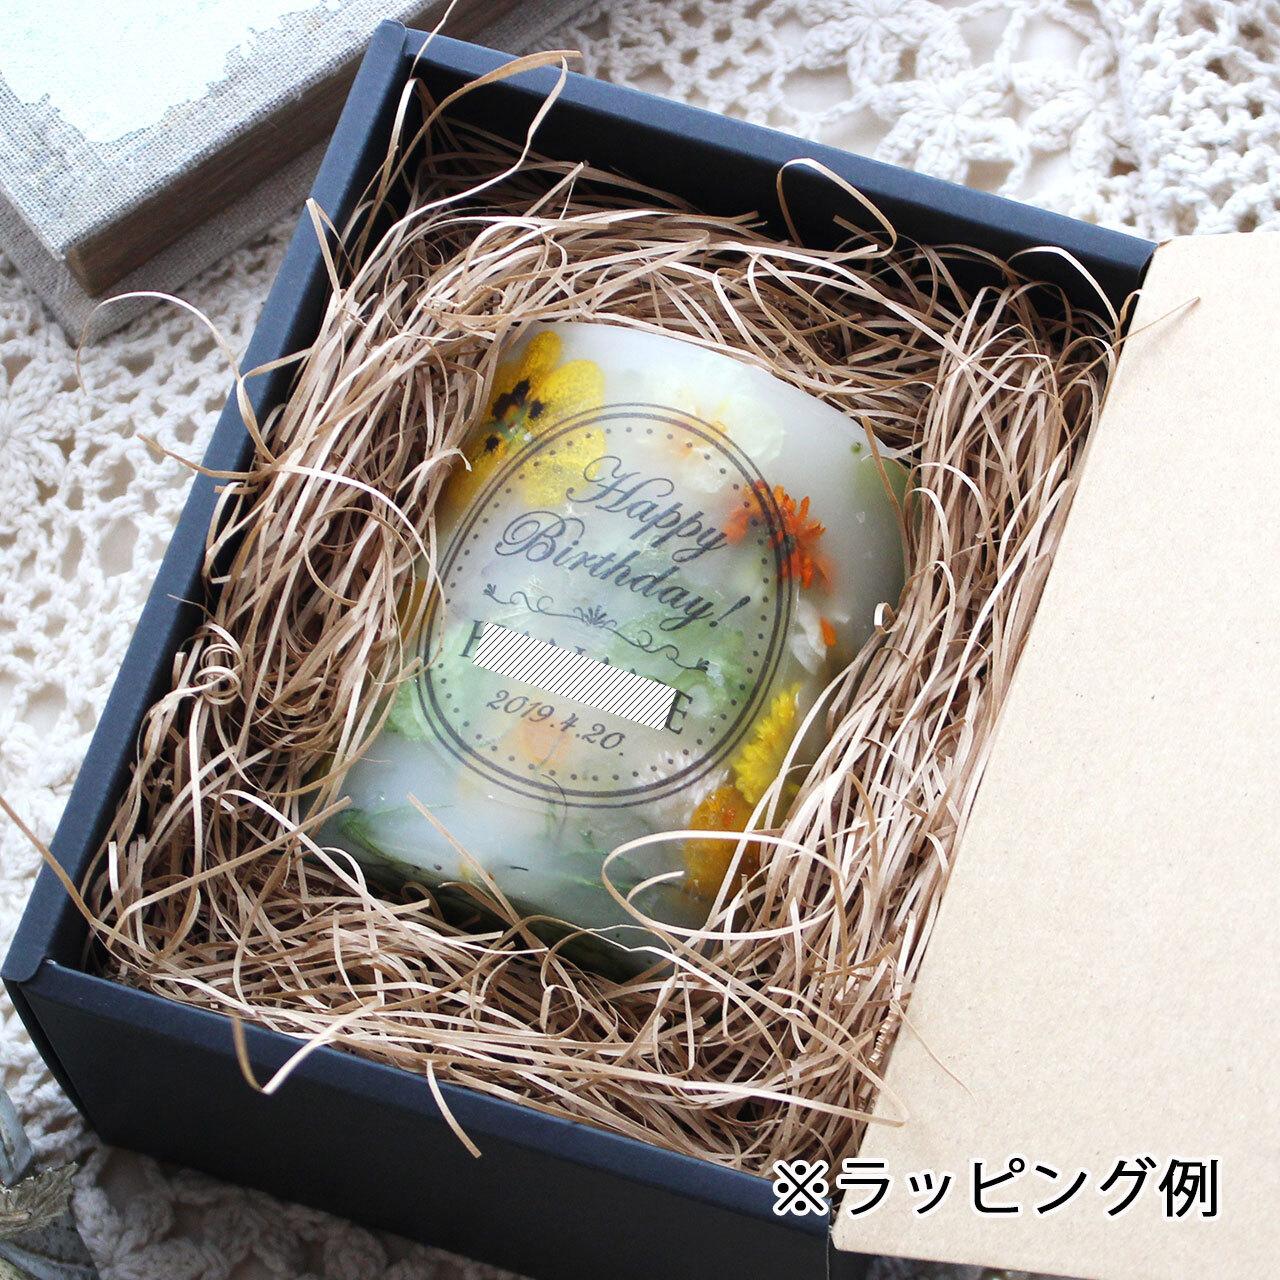 NC229 ギフトラッピング付き☆メッセージ&日付&名入れボタニカルキャンドル プリザーブドローズ